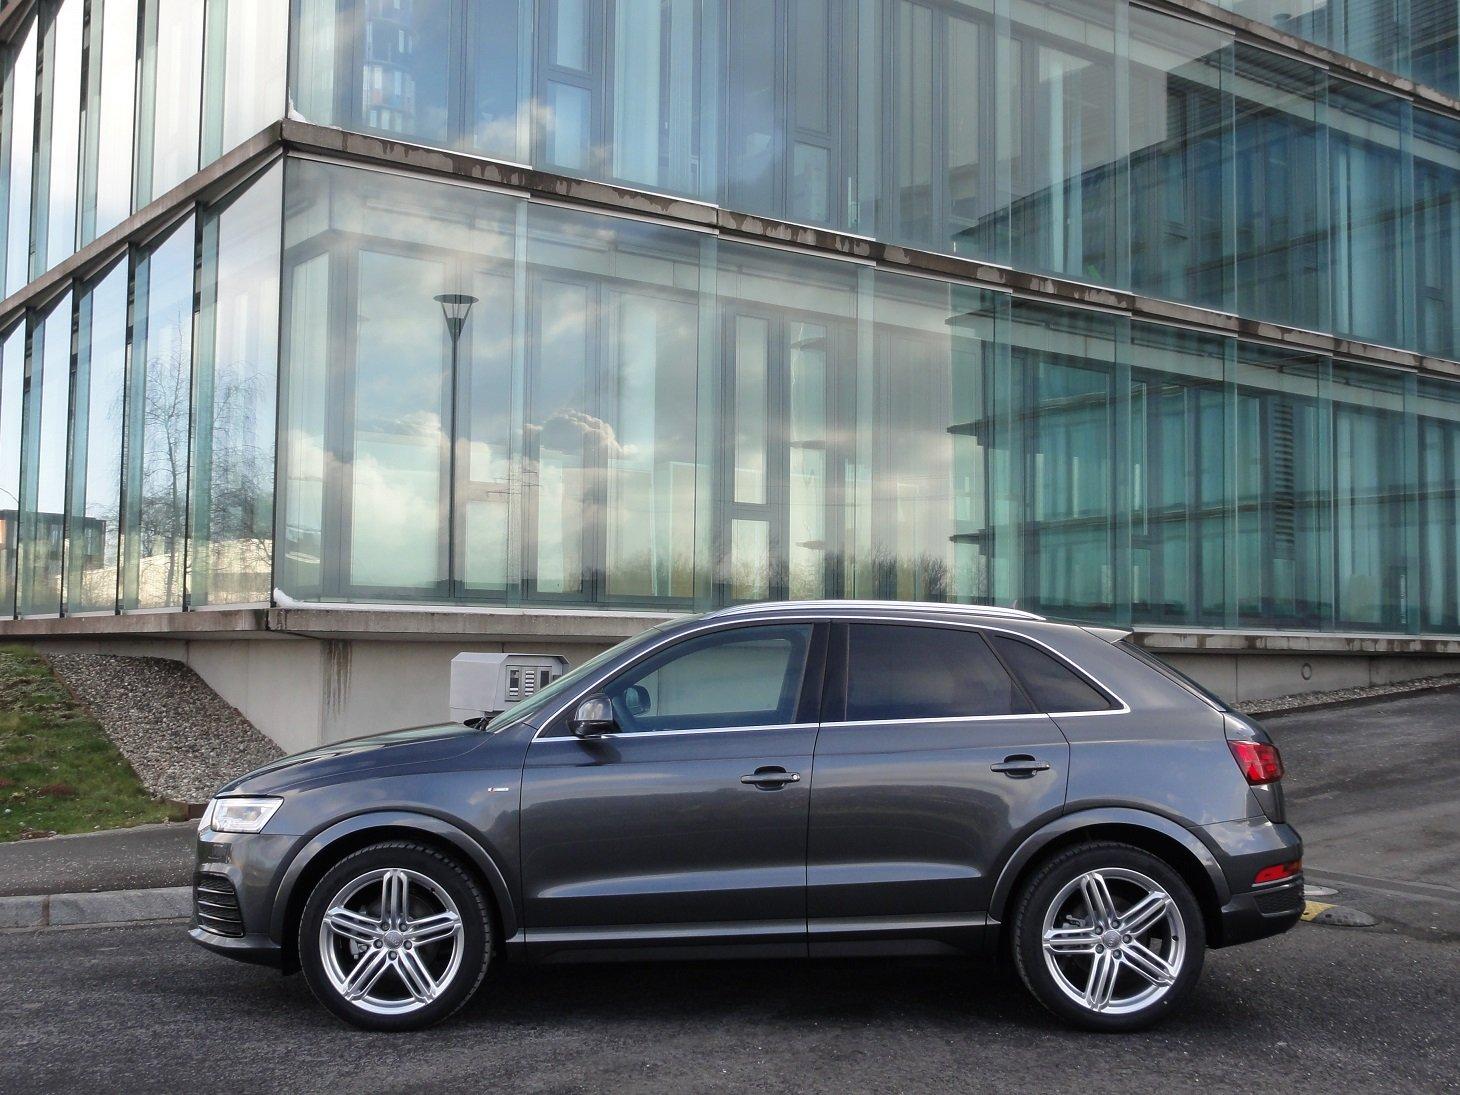 Kekurangan Audi Q3 Tdi Murah Berkualitas